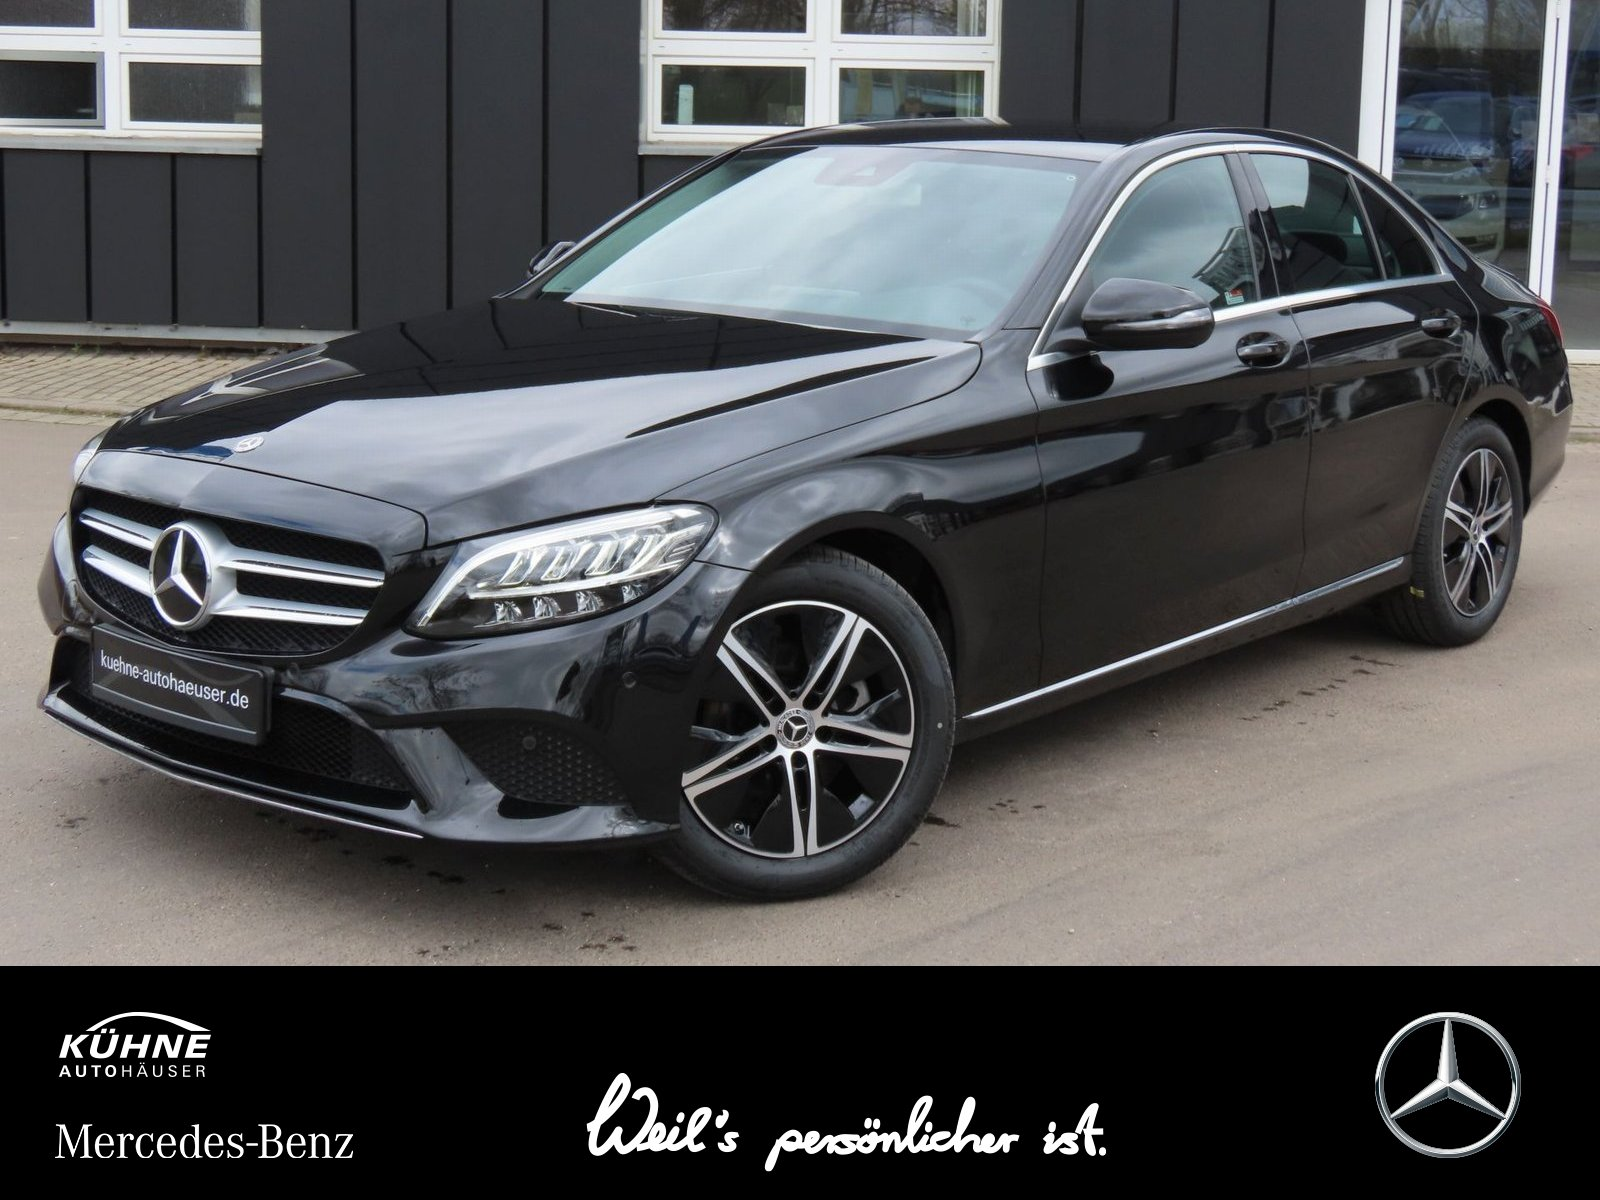 Mercedes-Benz C 180 Avantgarde 9G+Infotainment+Advanced+Komfor, Jahr 2020, Benzin